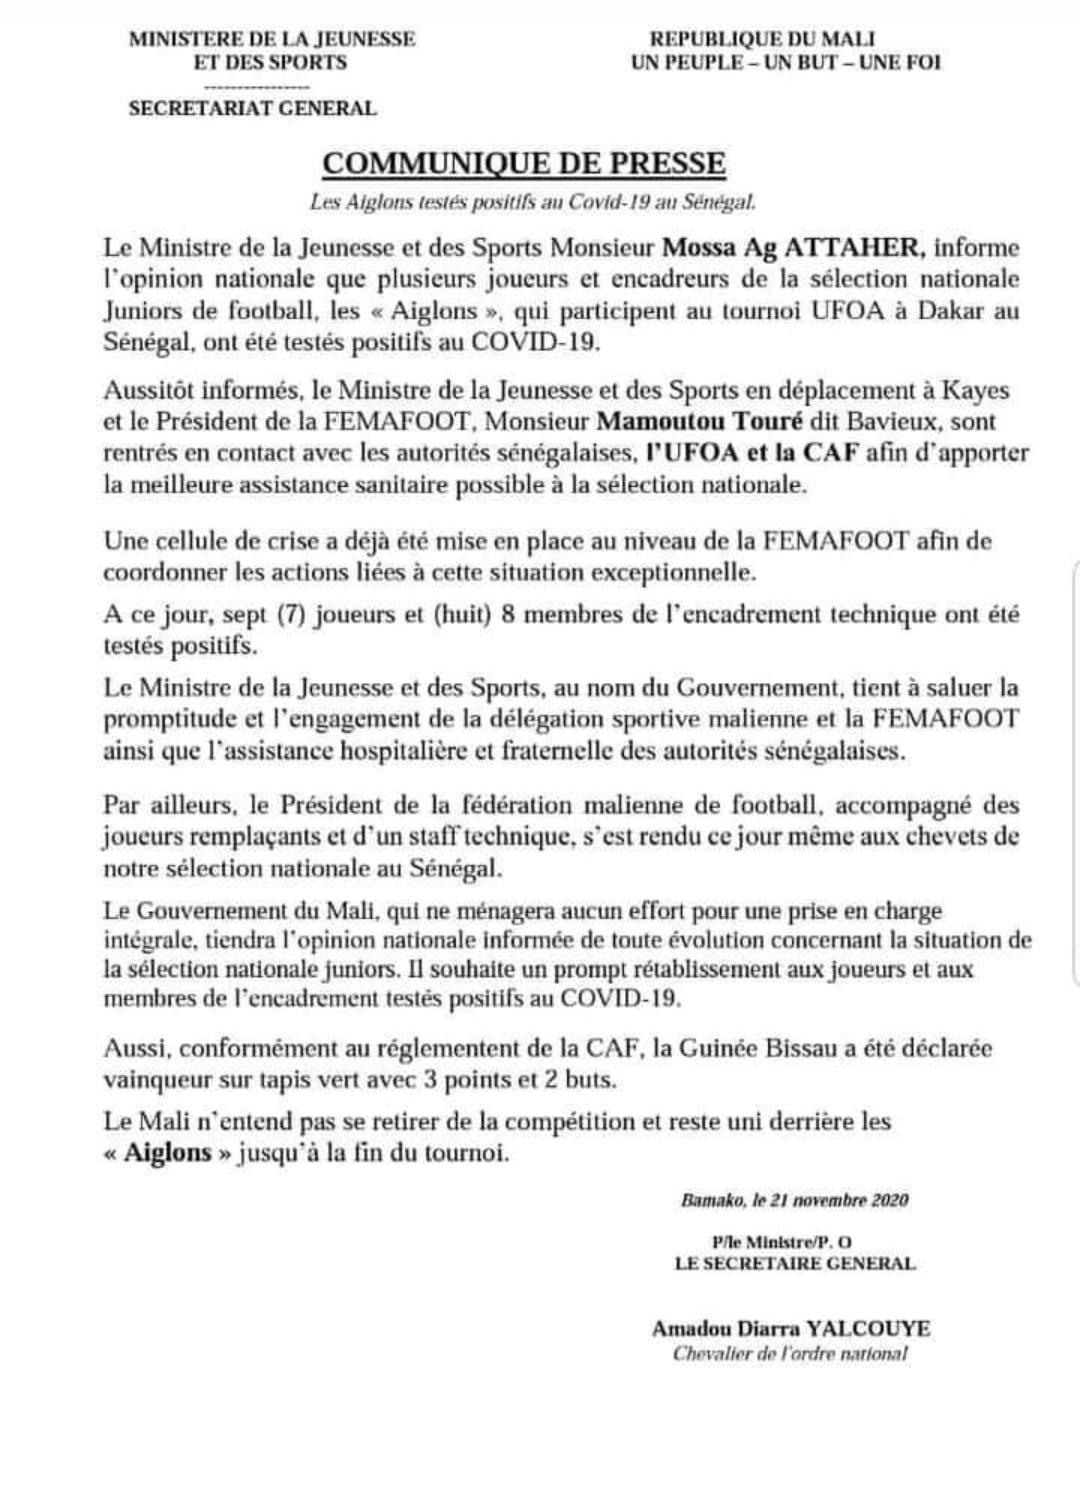 UFOA U20 : Le ministère des Sports Malien confirme 15 cas de Covid-19 dont 7 joueurs et déploie une cellule de crise.